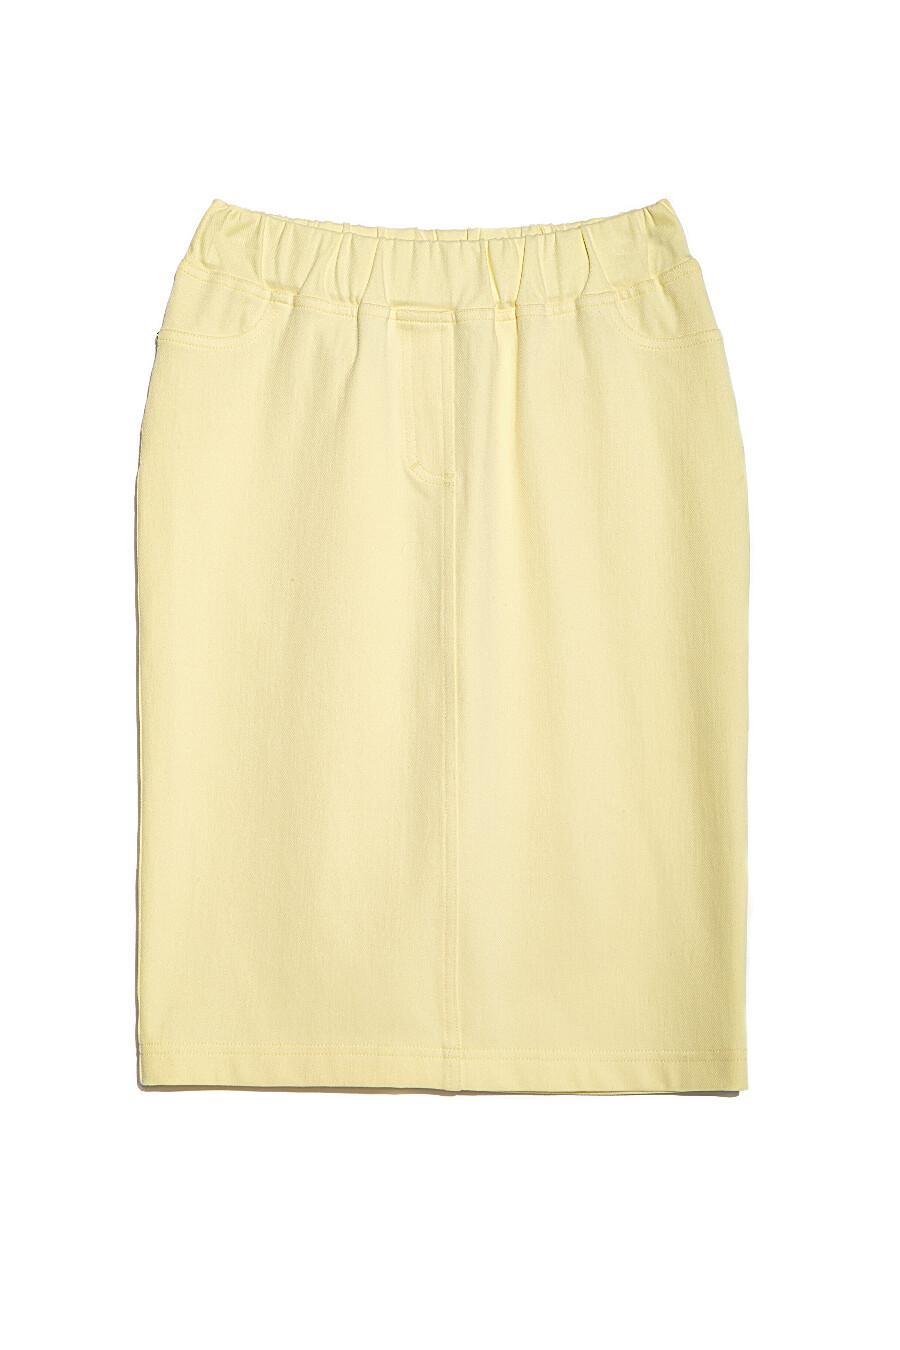 Юбка для женщин CONTE ELEGANT 148667 купить оптом от производителя. Совместная покупка женской одежды в OptMoyo